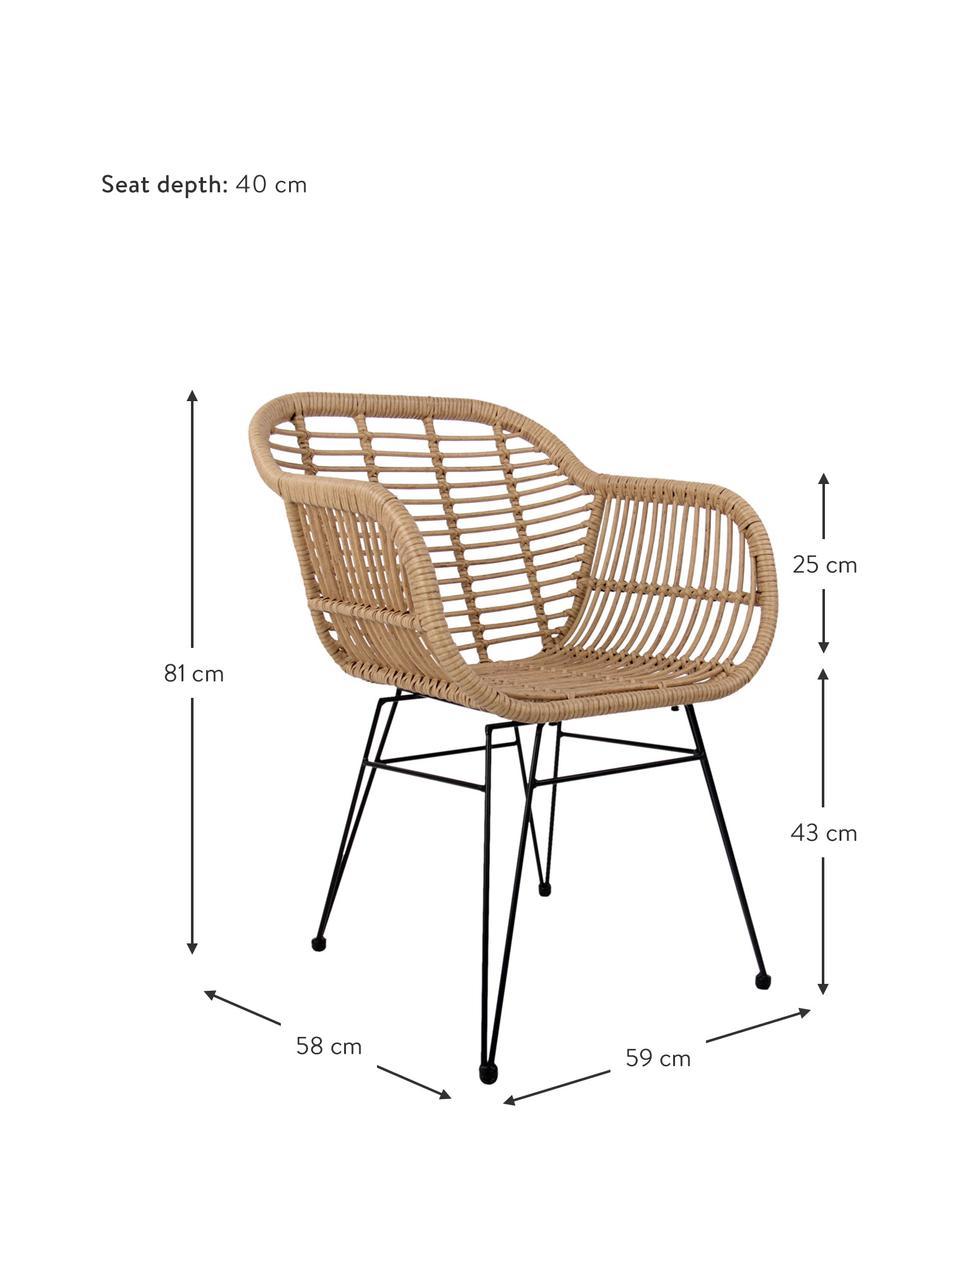 Krzesło z podłokietnikami z polirattanu Costa, 2 szt., Stelaż: metal malowany proszkowo, Jasny brązowy, czarny, S 59 x G 58 cm